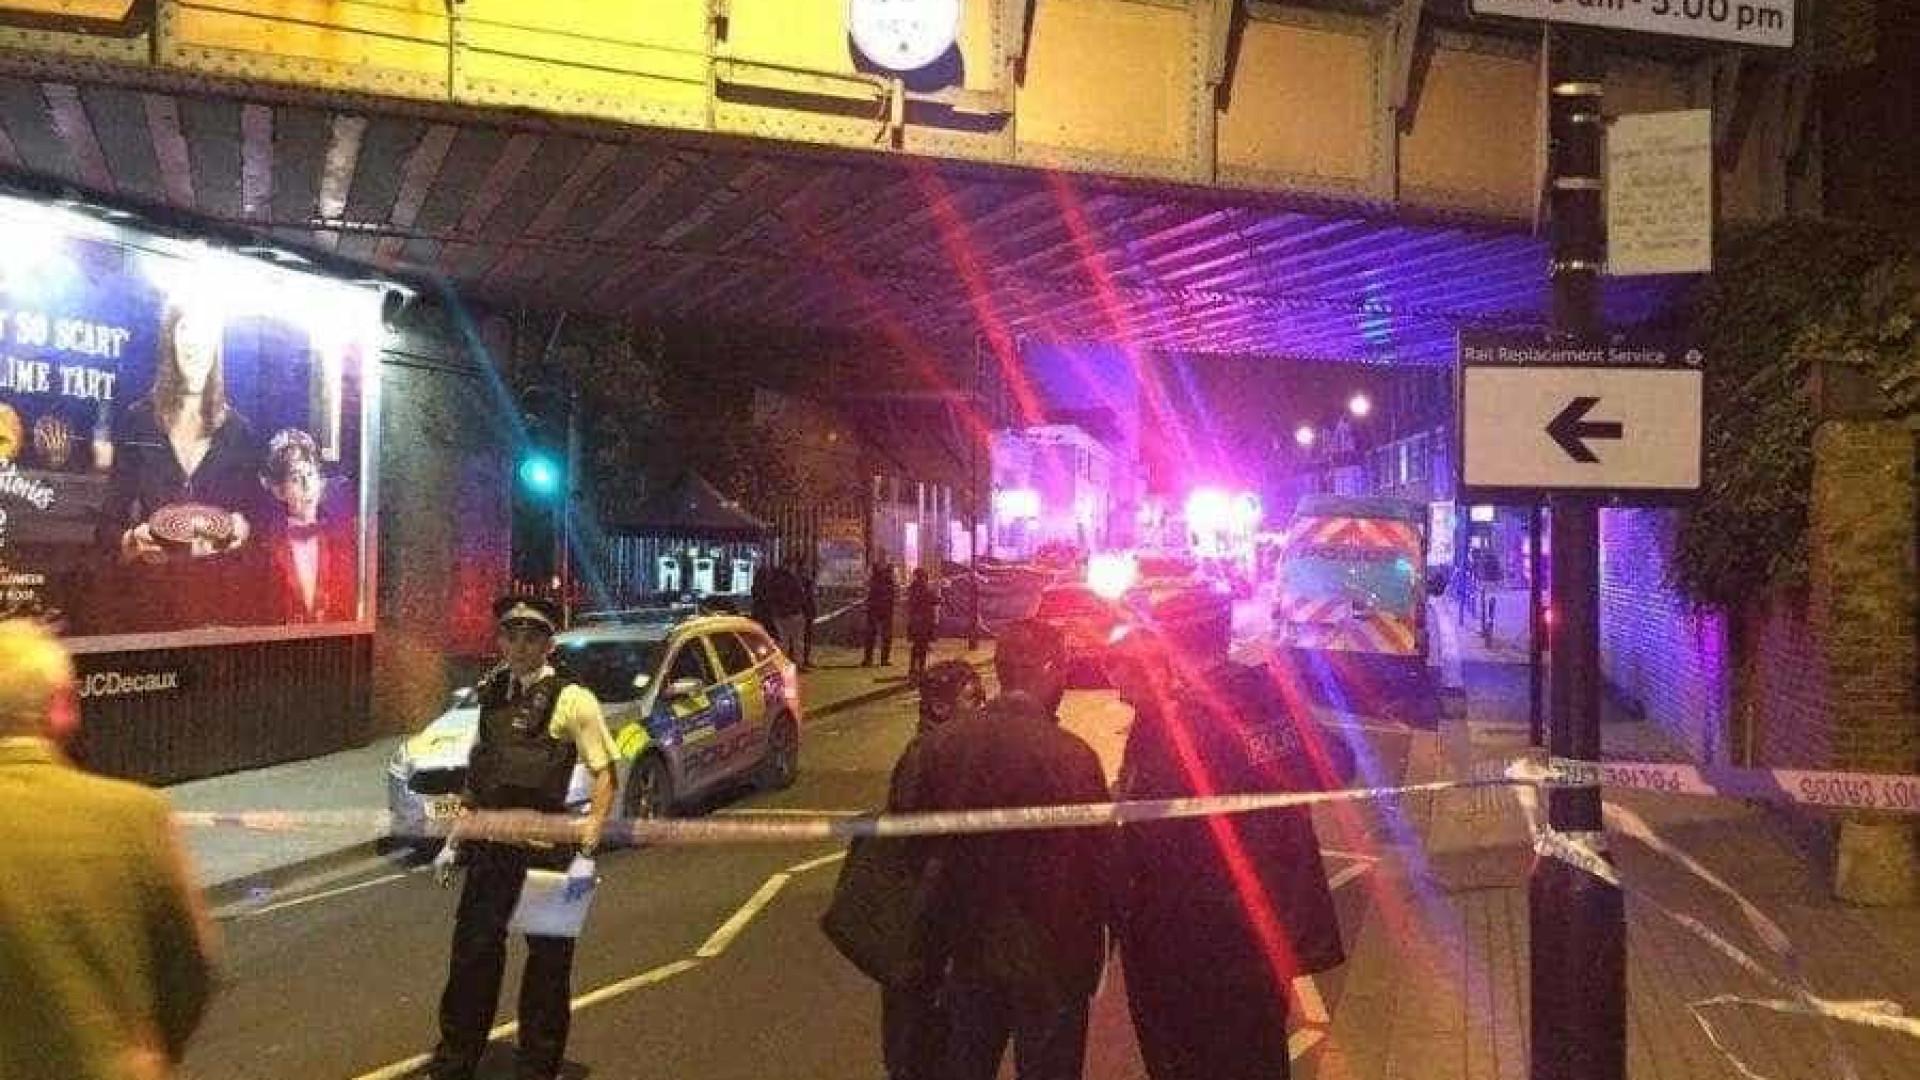 Um morto e dois feridos em esfaqueamento no metro de Londres